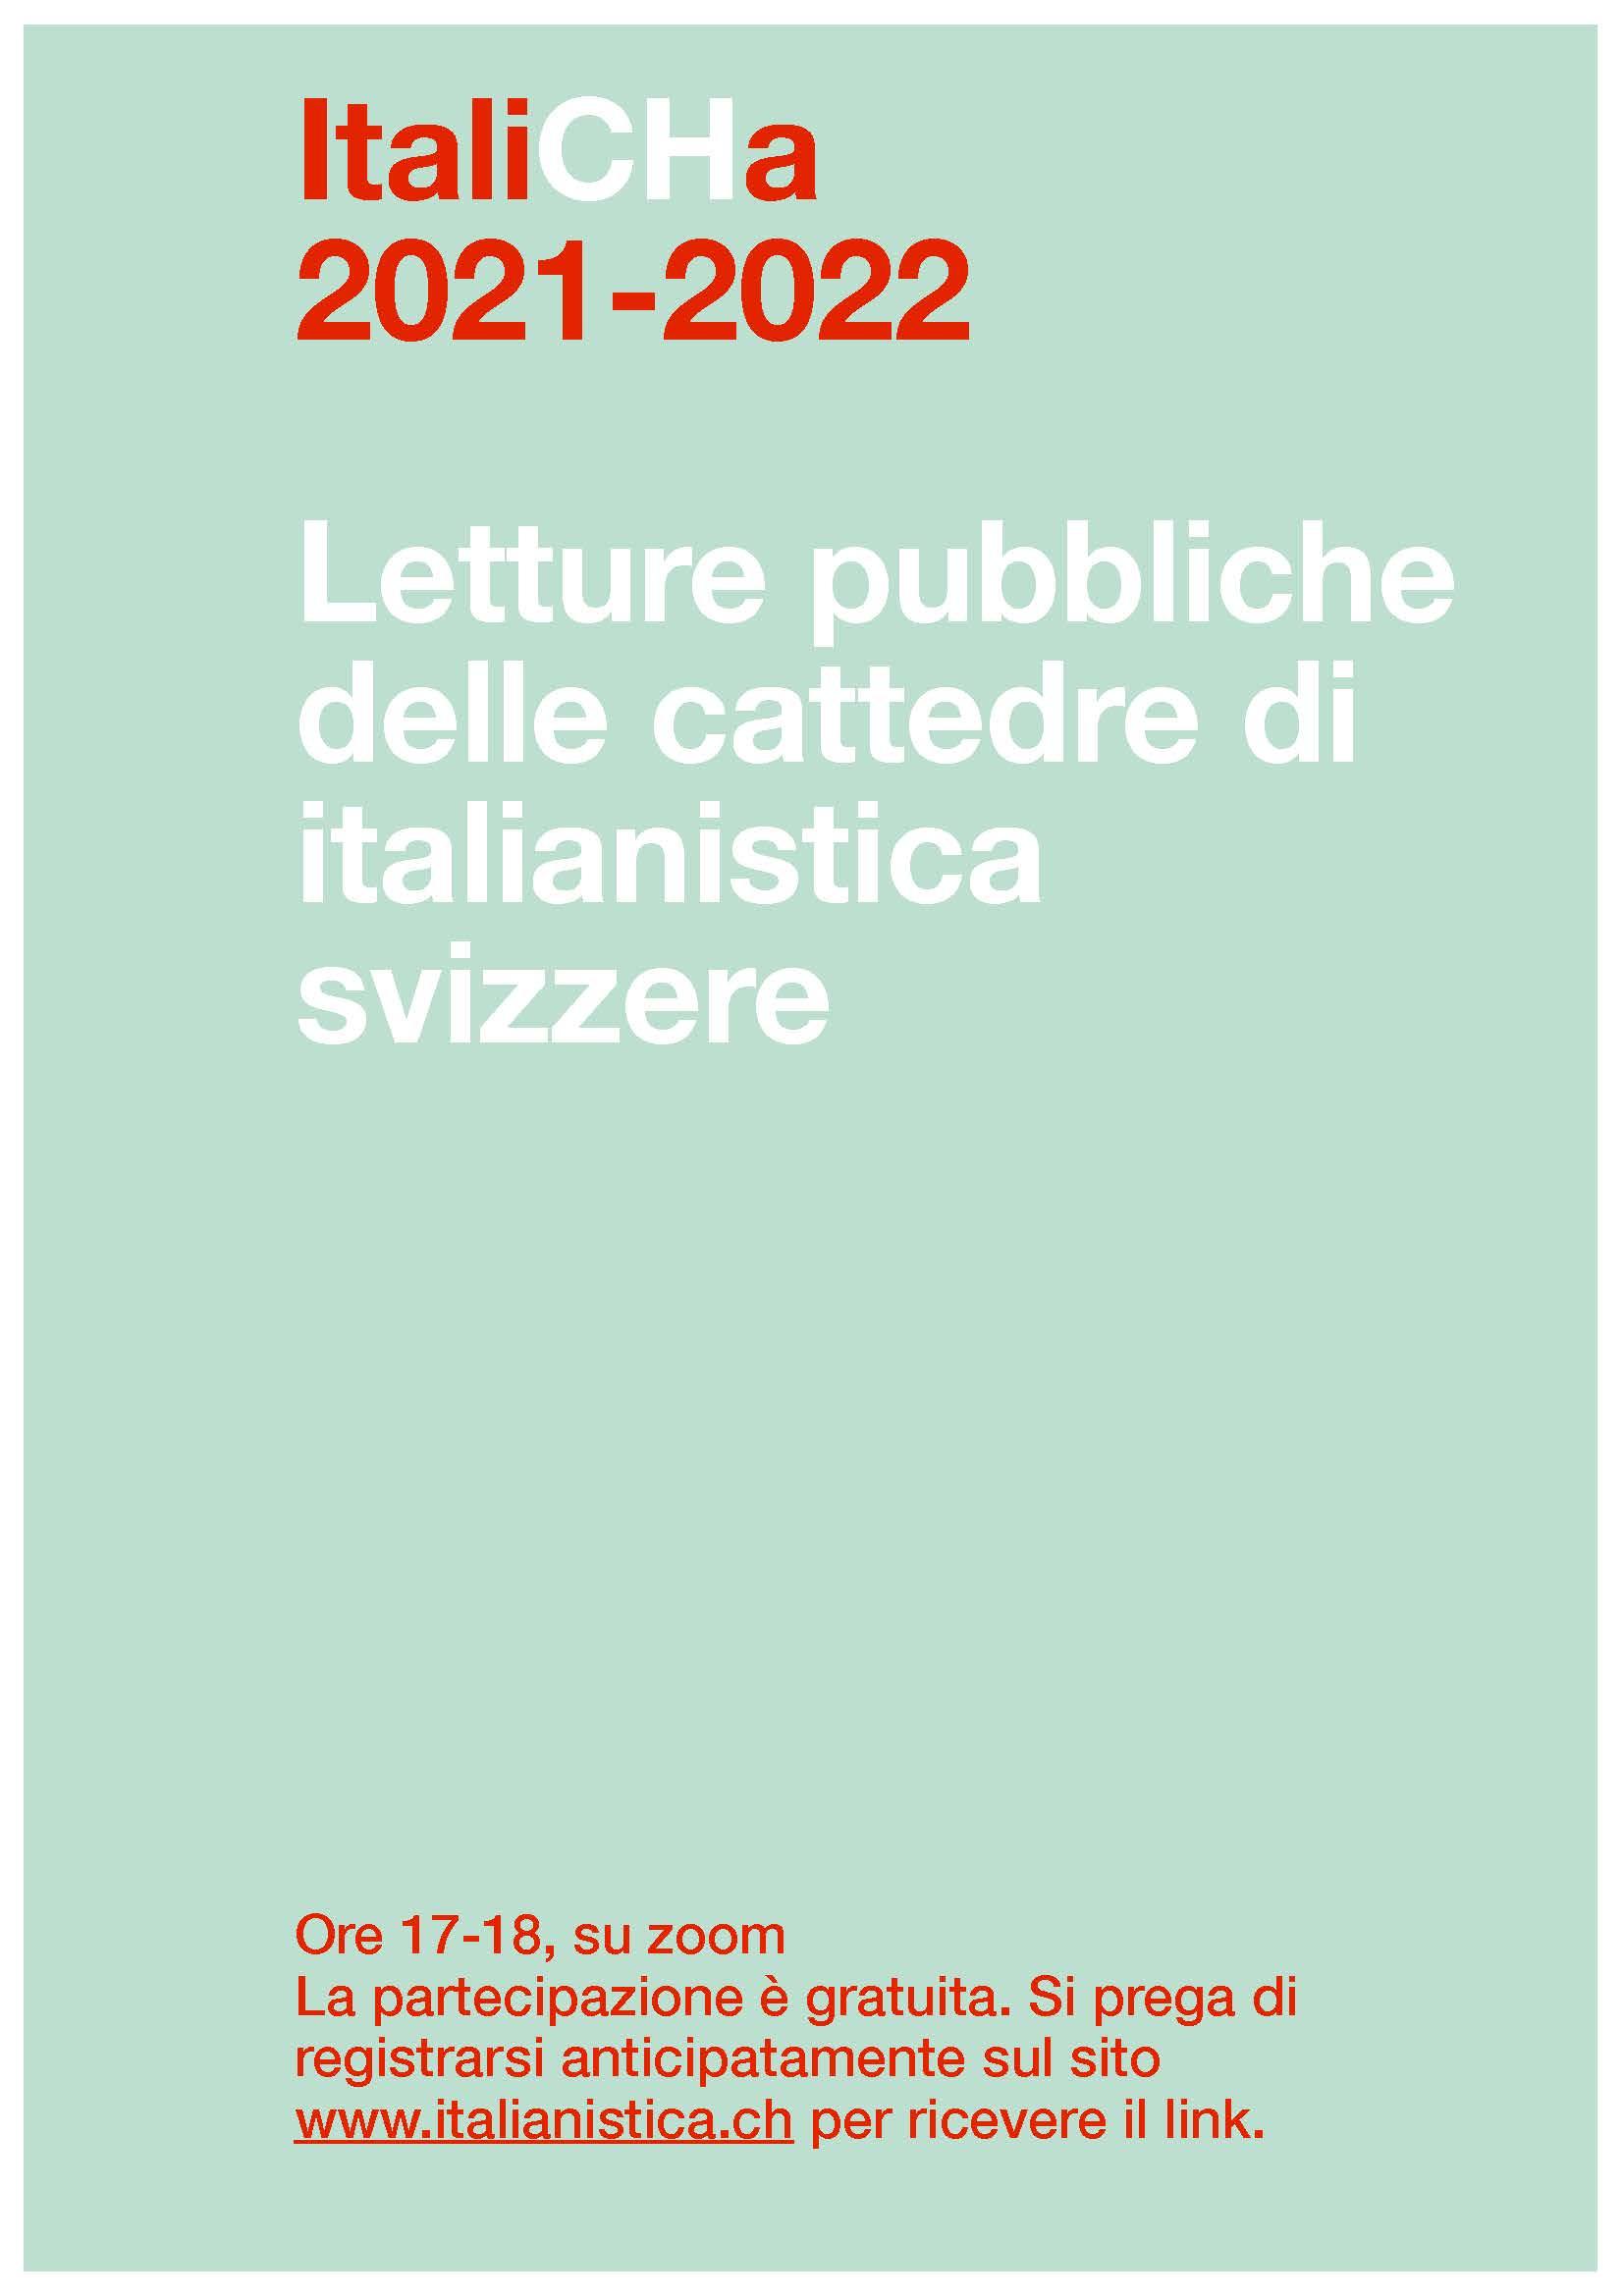 letture pubbliche 21/22